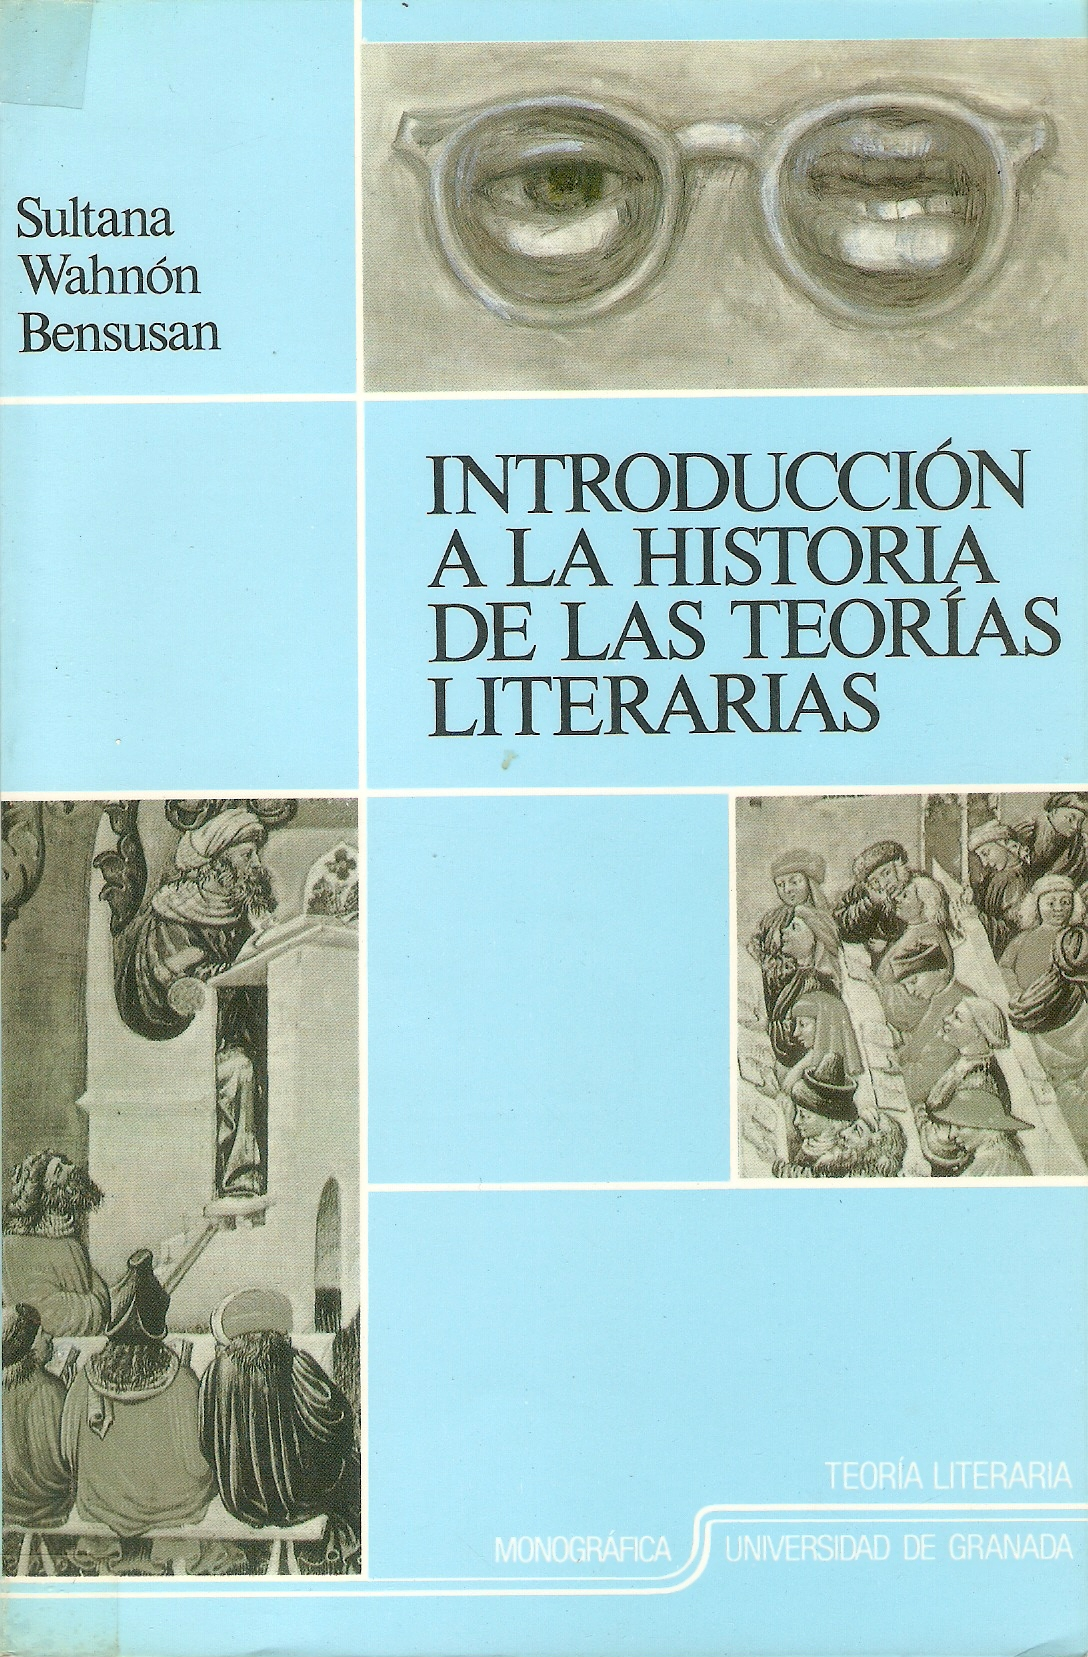 Introducción a la historia de las teorías literarias